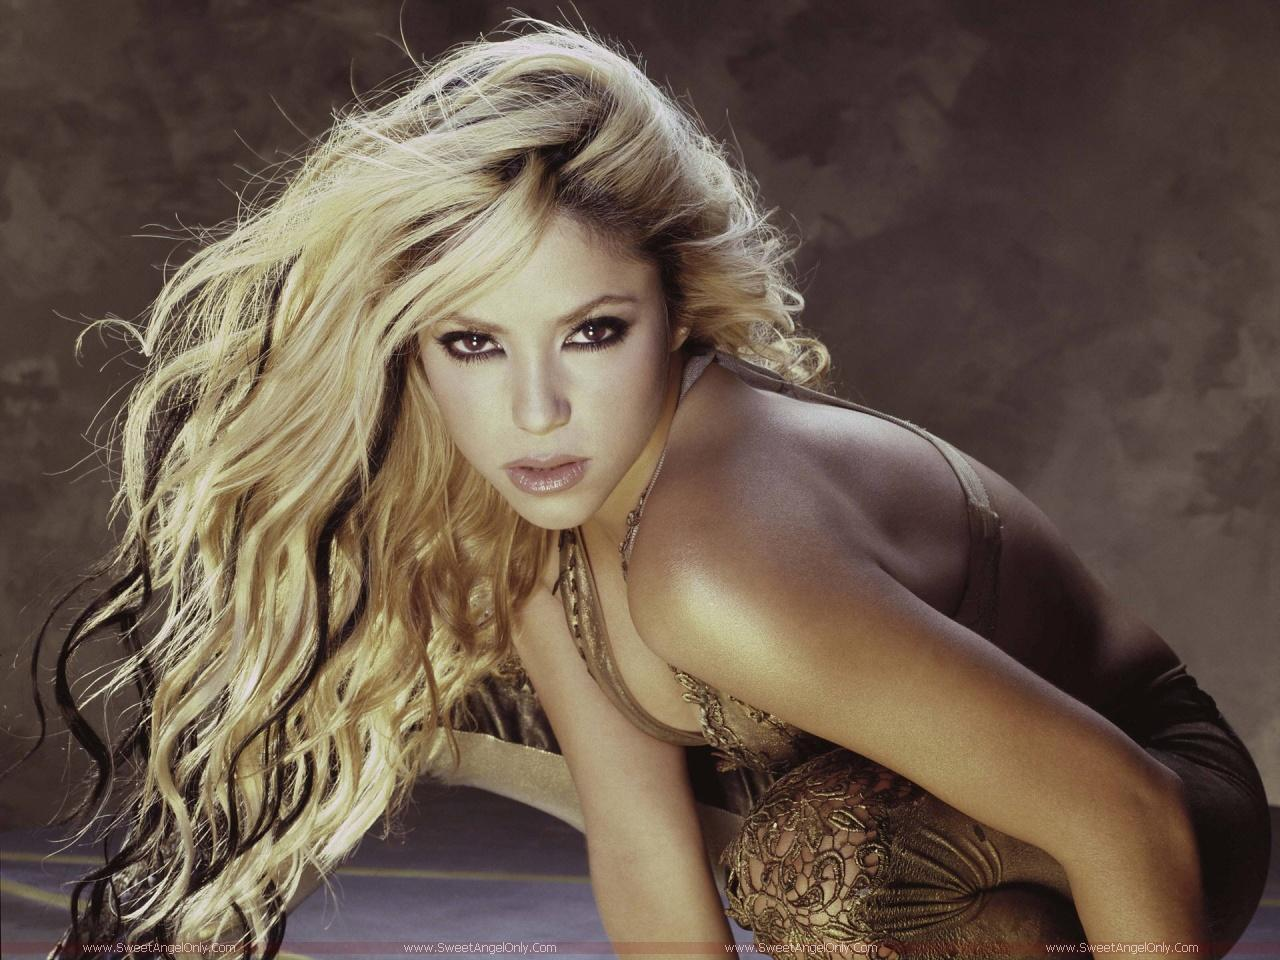 http://3.bp.blogspot.com/-MgUAPi5NqR8/TmDnPF-MJSI/AAAAAAAAKJw/c8c93nQ063g/s1600/Shakira_photo_shoot.jpg